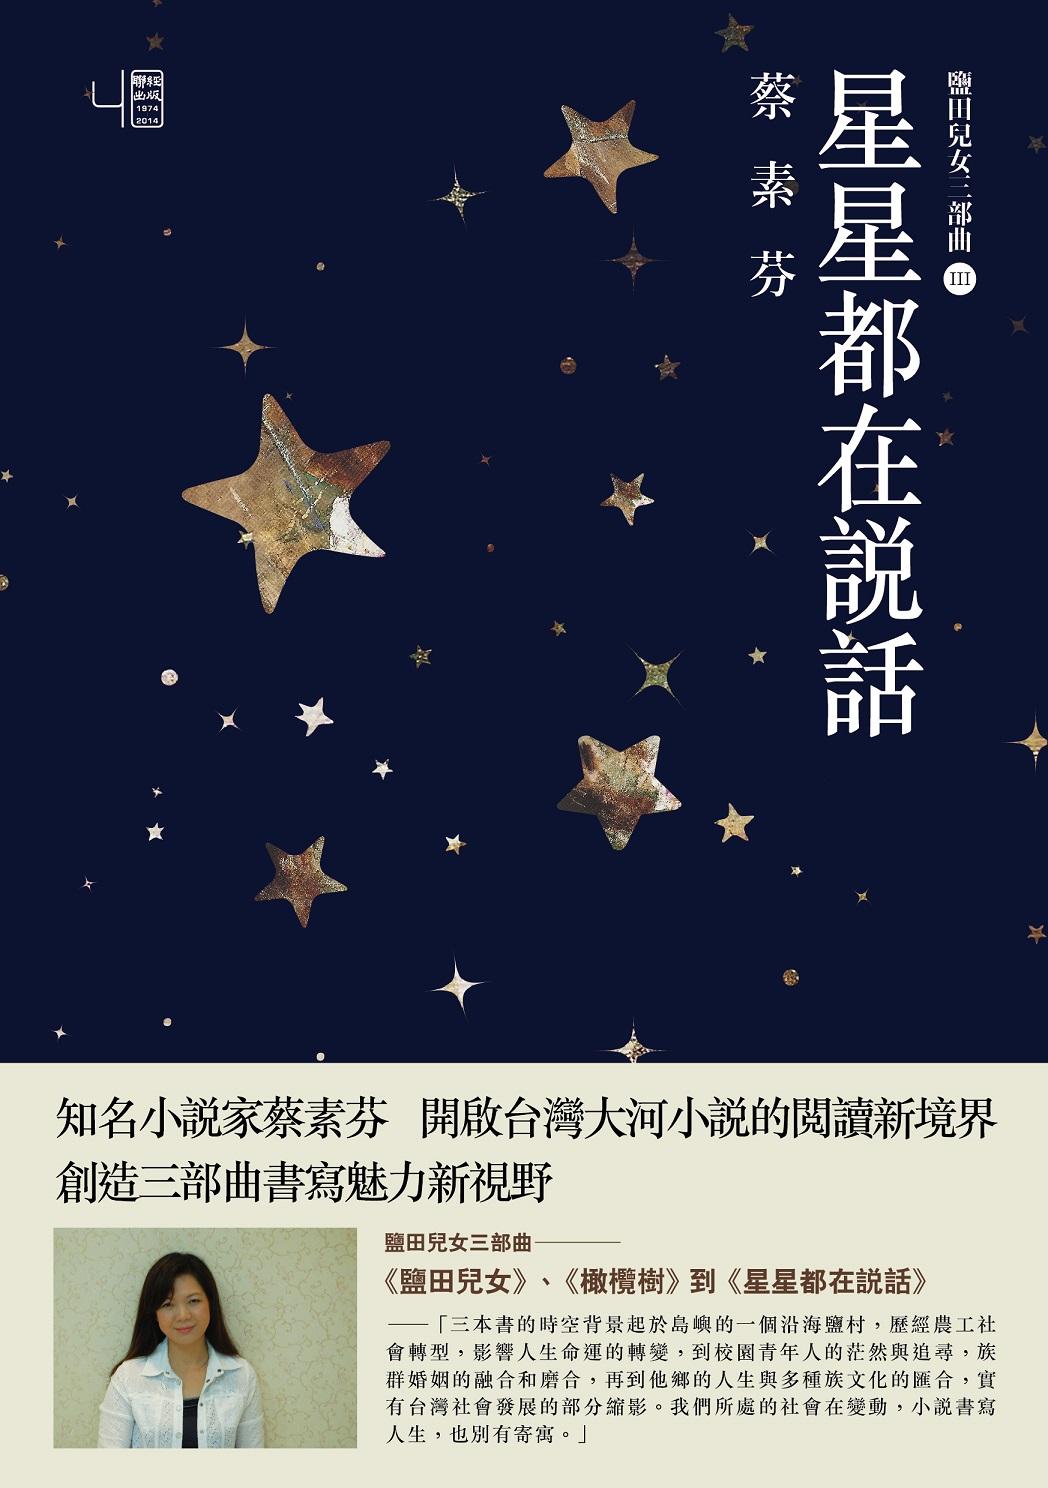 星星都在說話(正書封).jpg